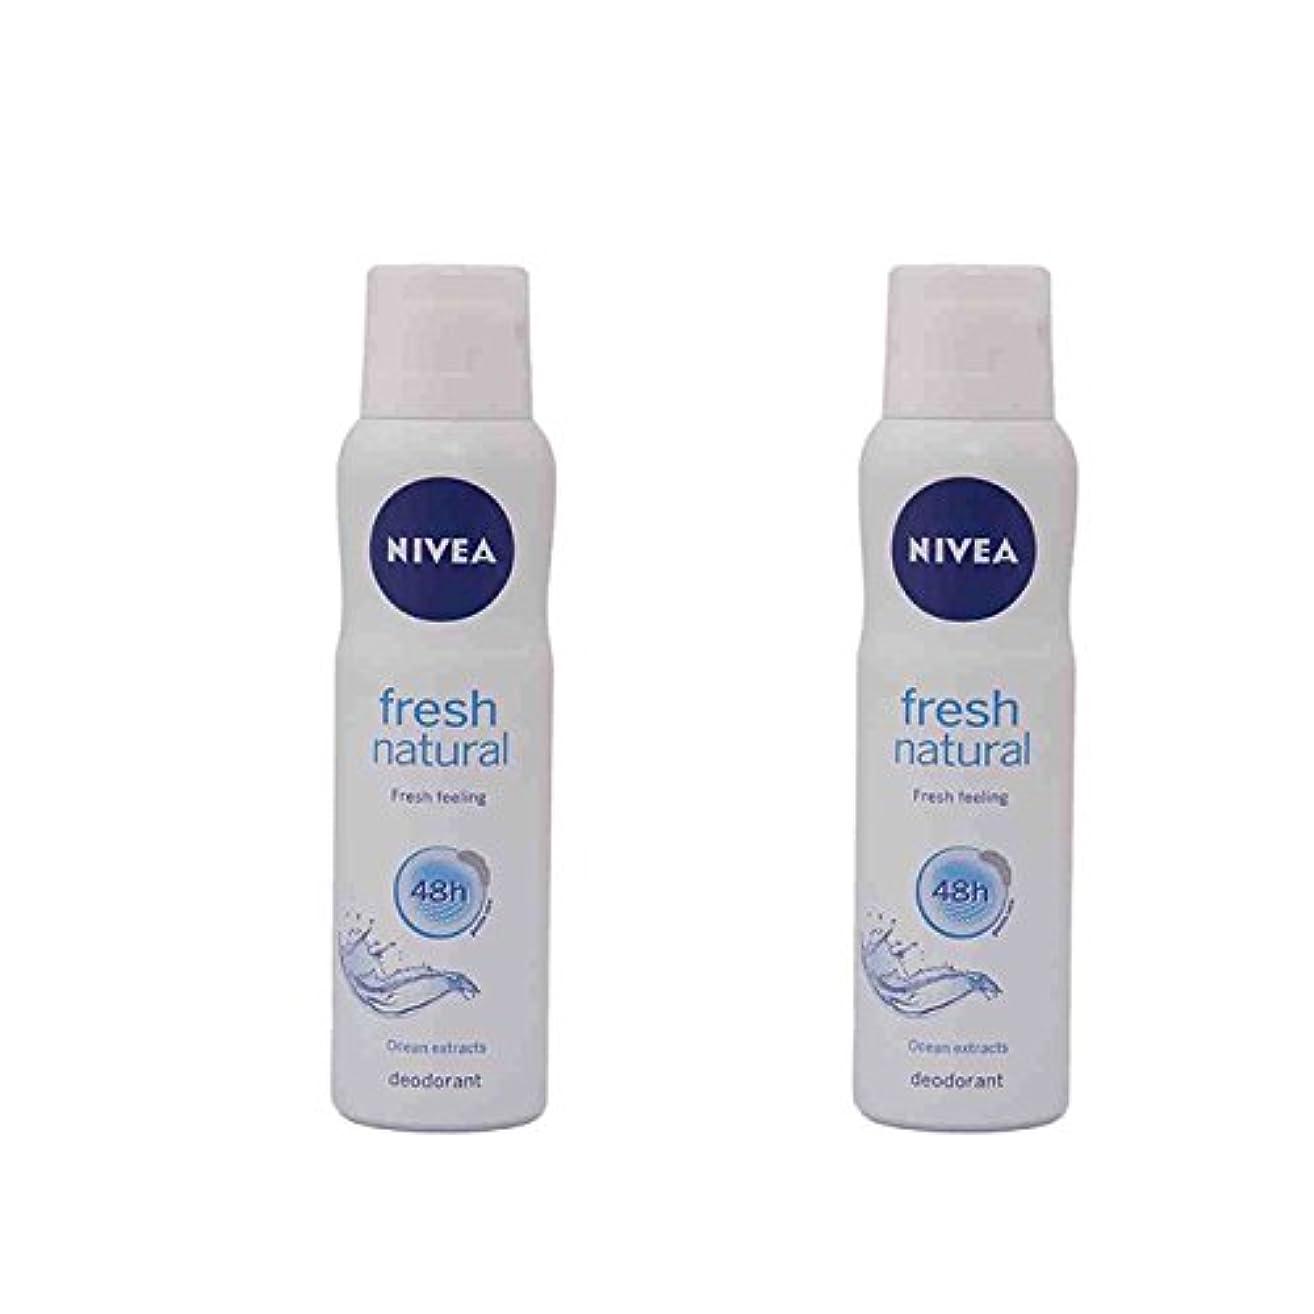 エレガント充実神学校2 Lots X Nivea For Women Fresh Natural Deodorant, 150ml - 並行輸入品 - 2ロットXニベア女性用フレッシュナチュラルデオドラント、150ml